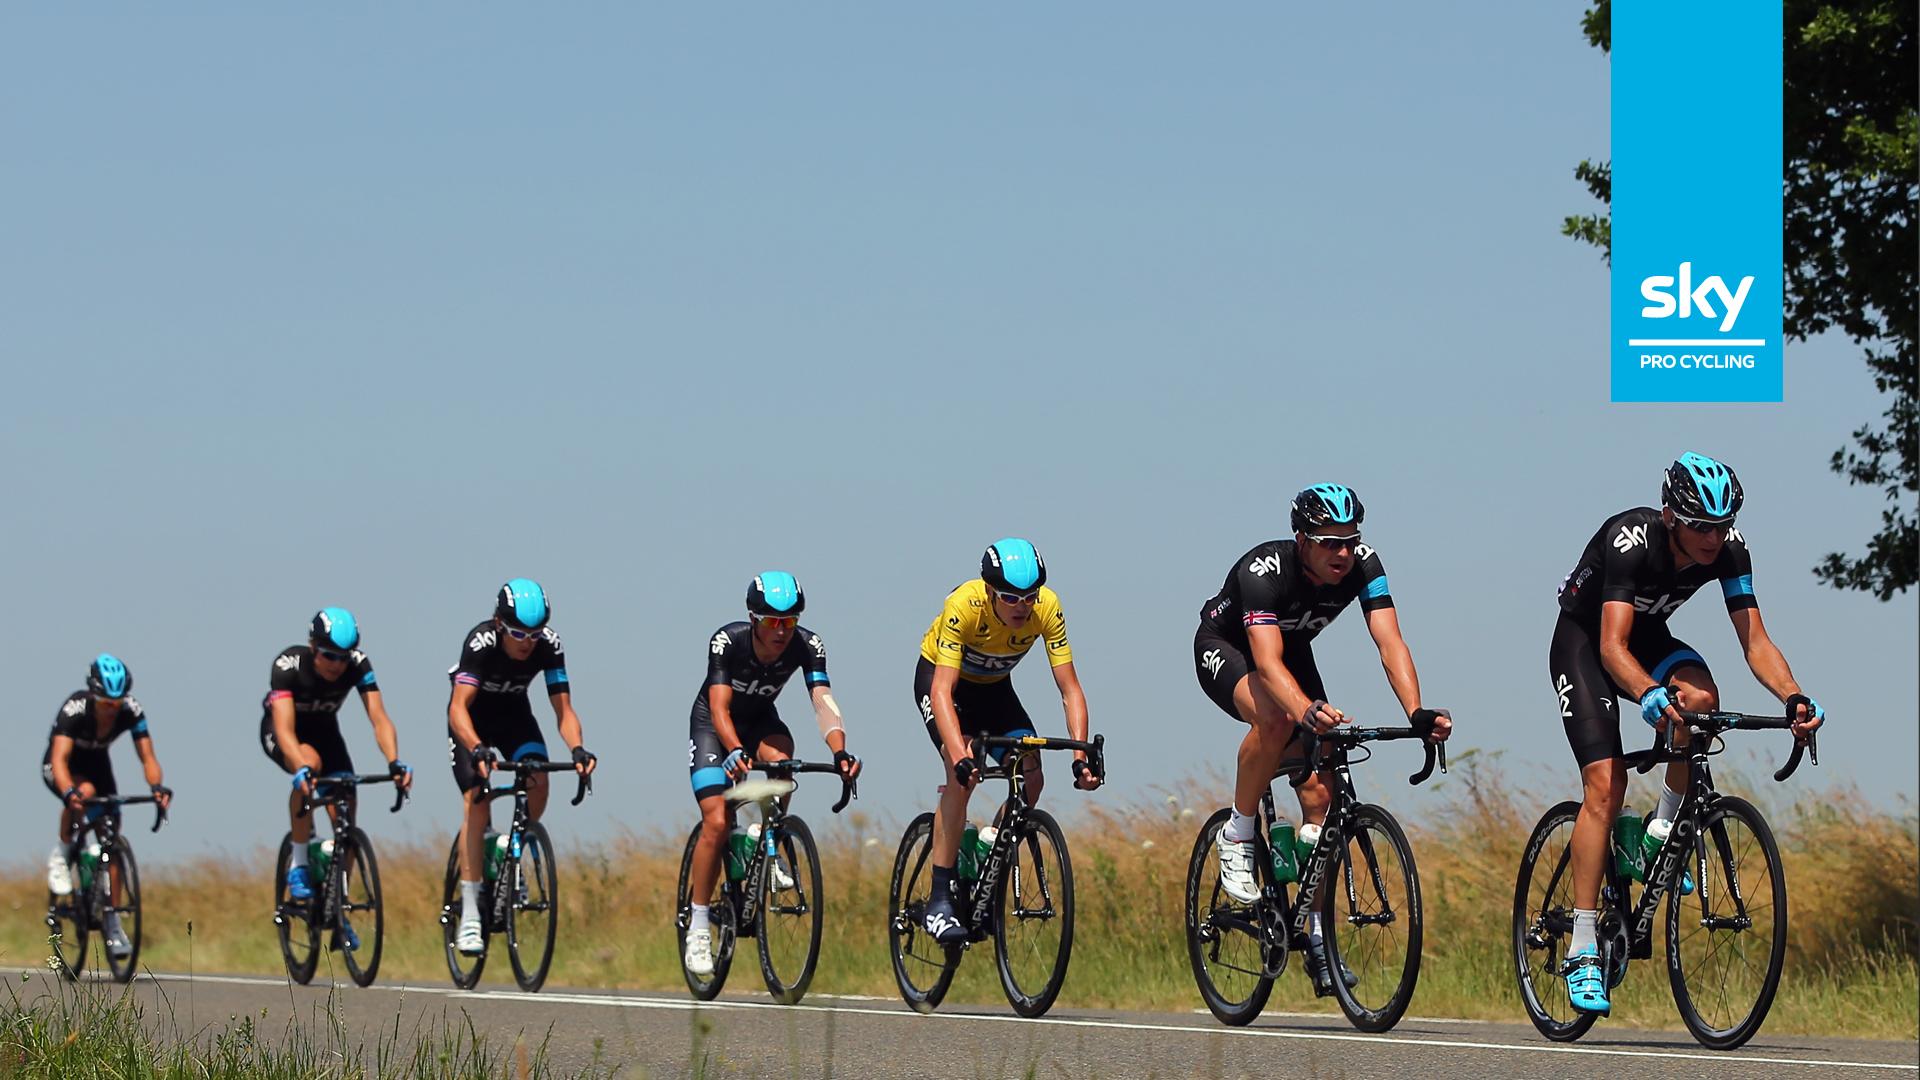 Team Sky Wallpaper Wallpapersafari HD Wallpapers Download Free Images Wallpaper [1000image.com]